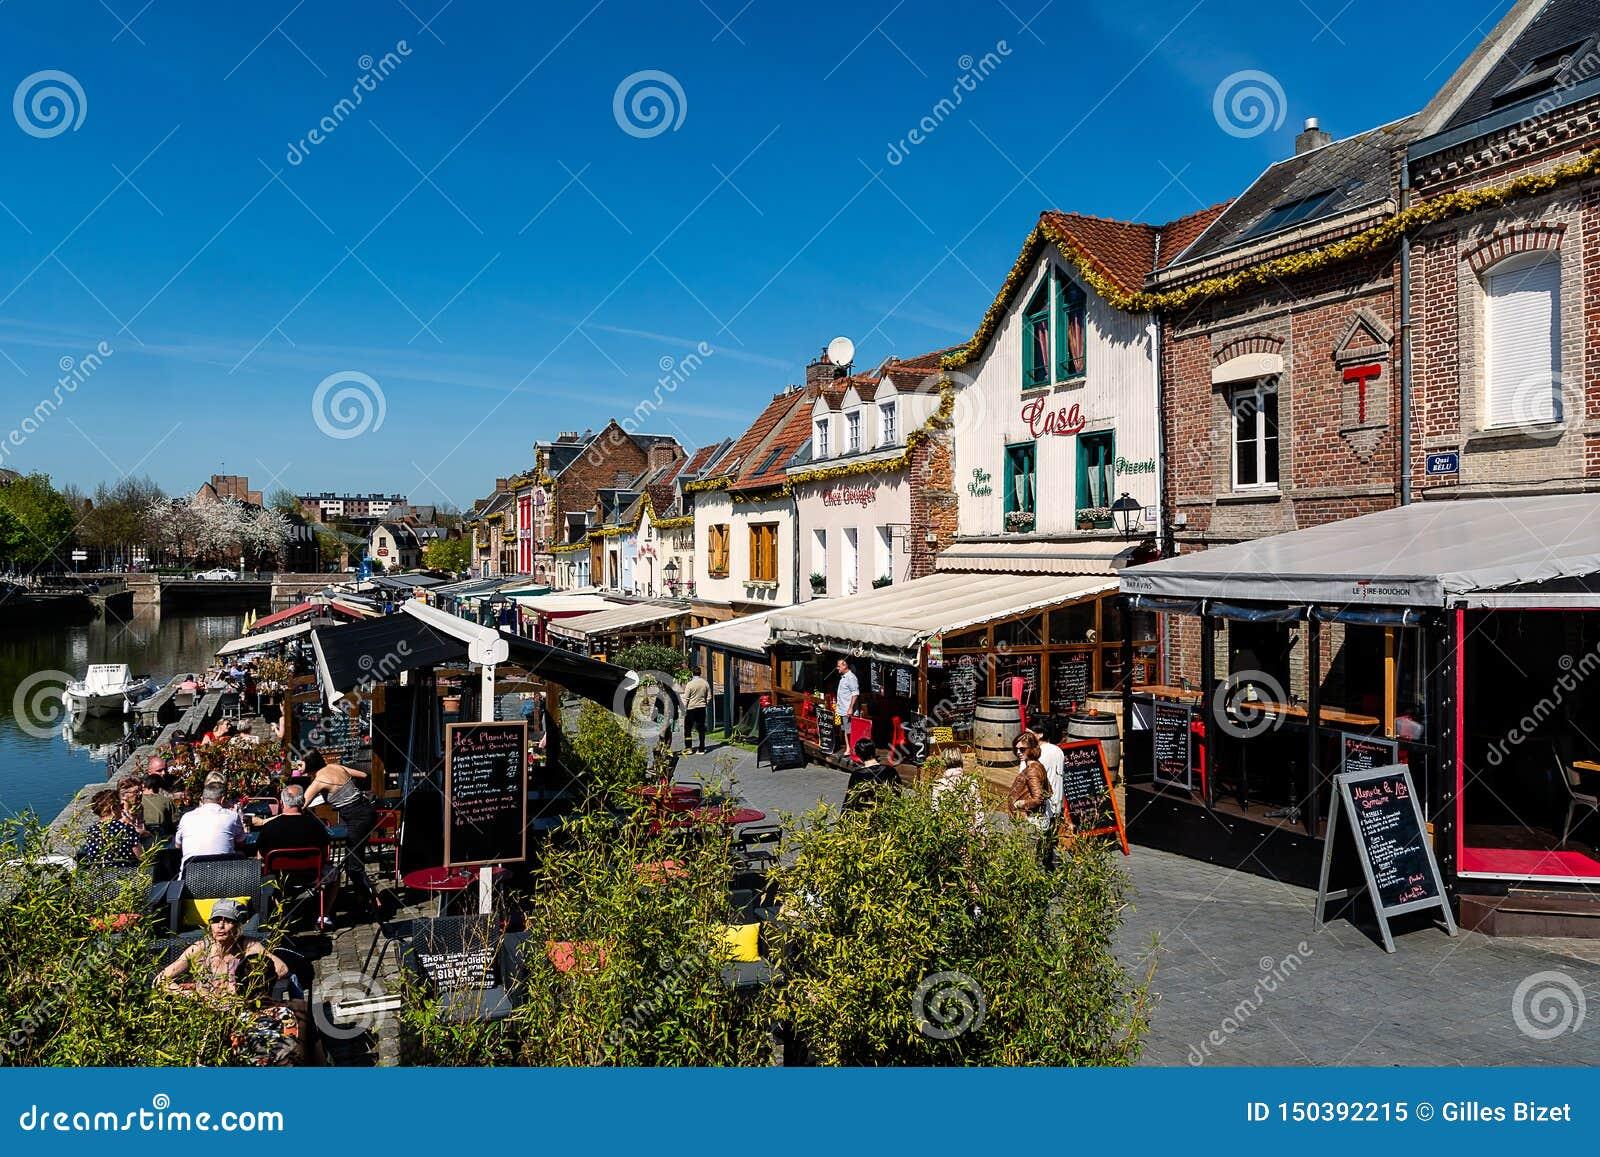 Quay restauracje w Amiens w Francja